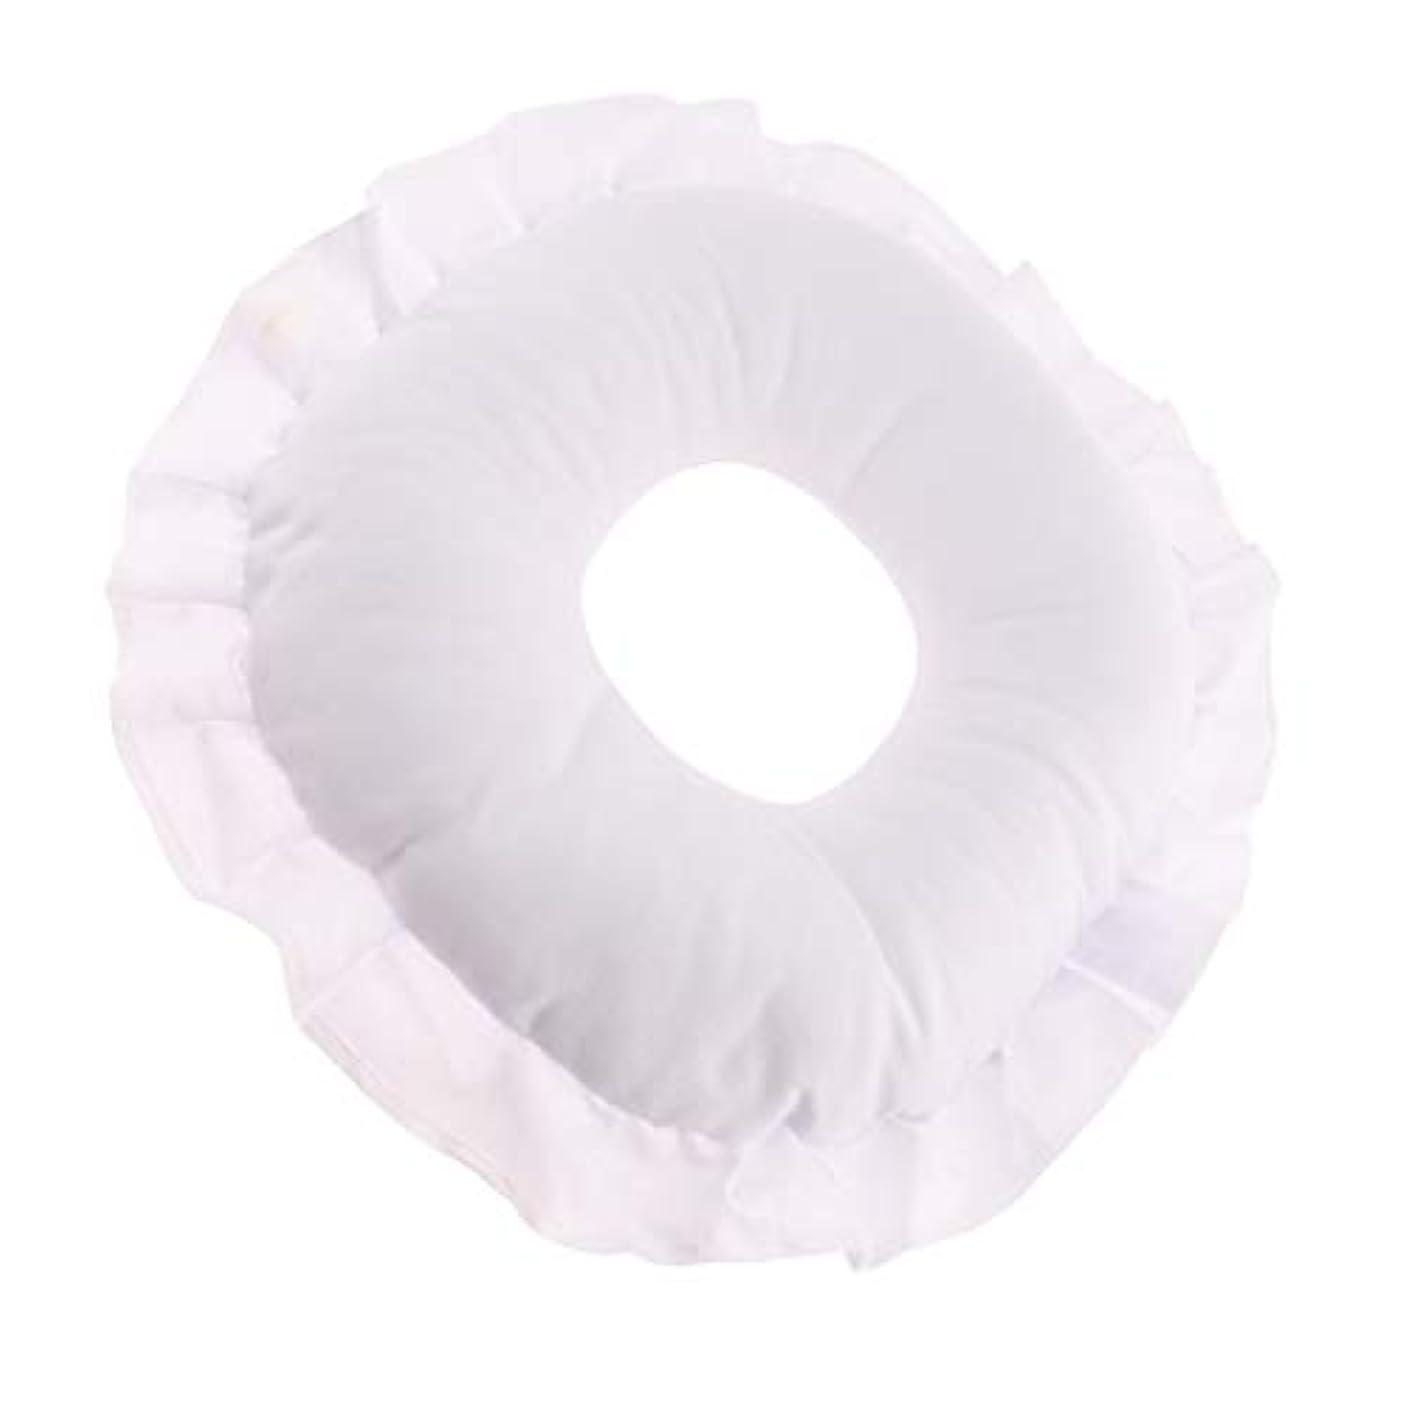 スライム賭けドライ全3色 フェイスピロー 顔枕 マッサージ枕 マッサージテーブルピロー 柔軟 洗えるカバー リラックス - 白